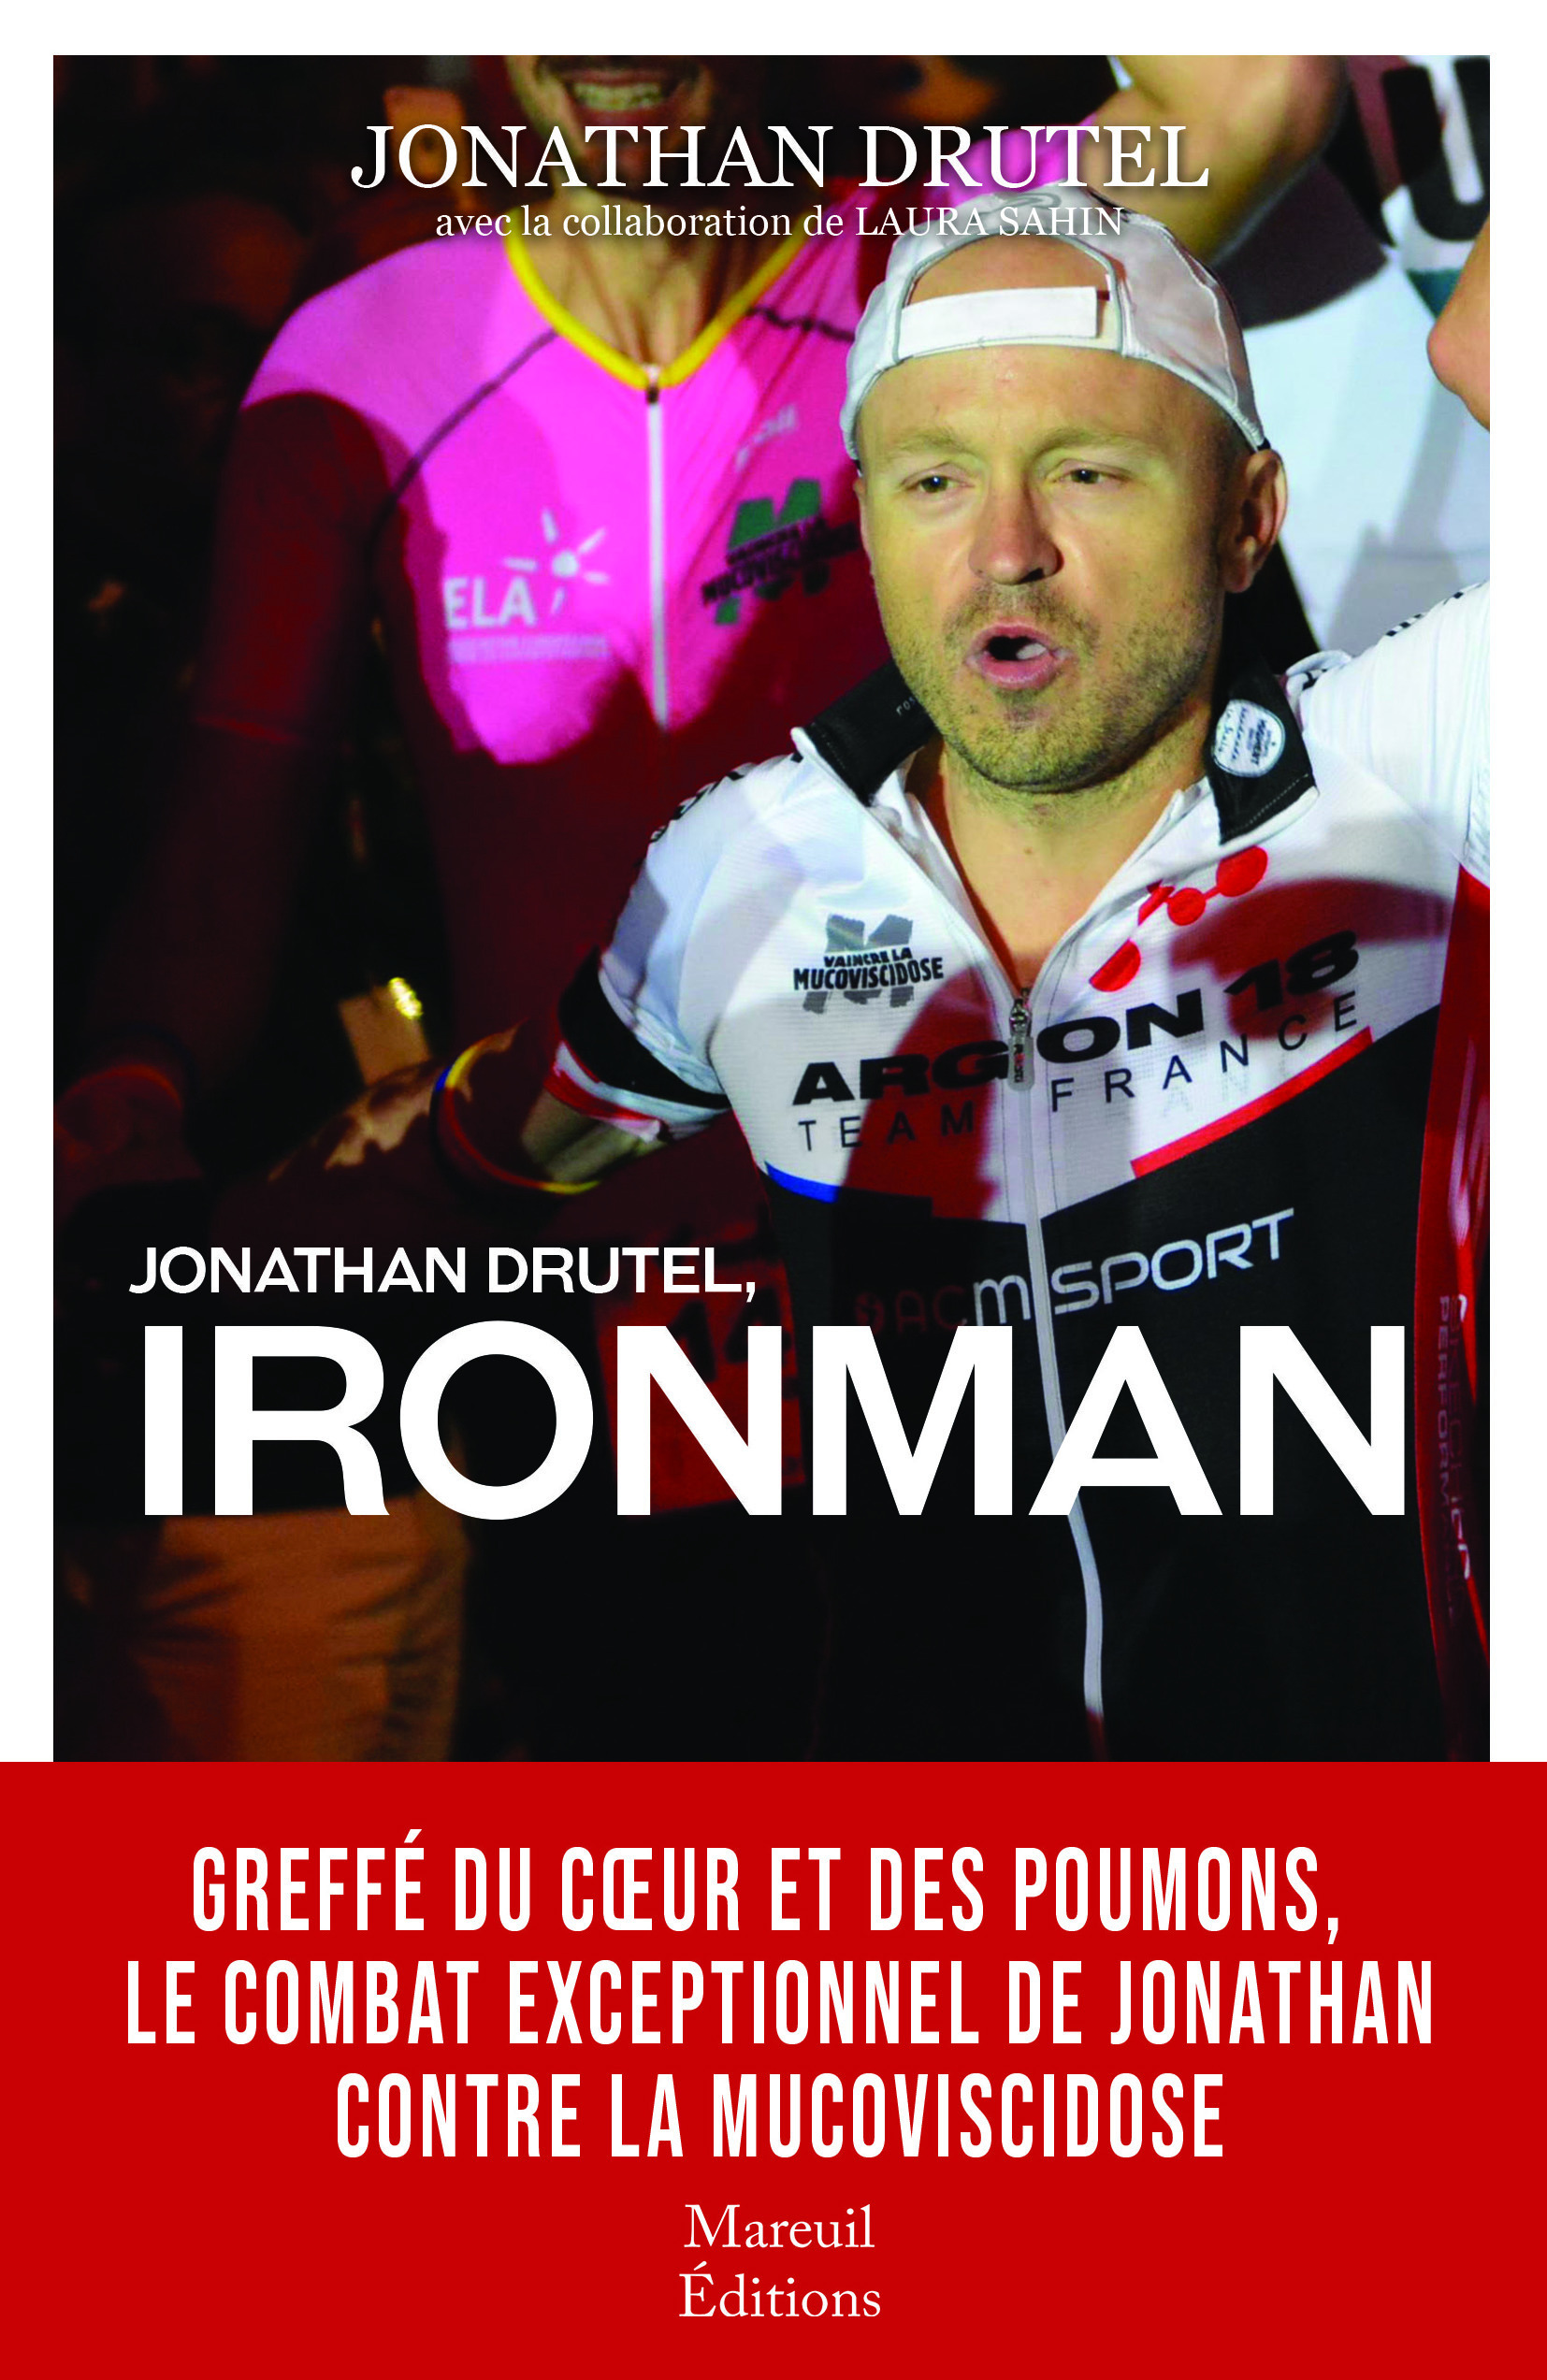 Jonathan Drutel, Ironman